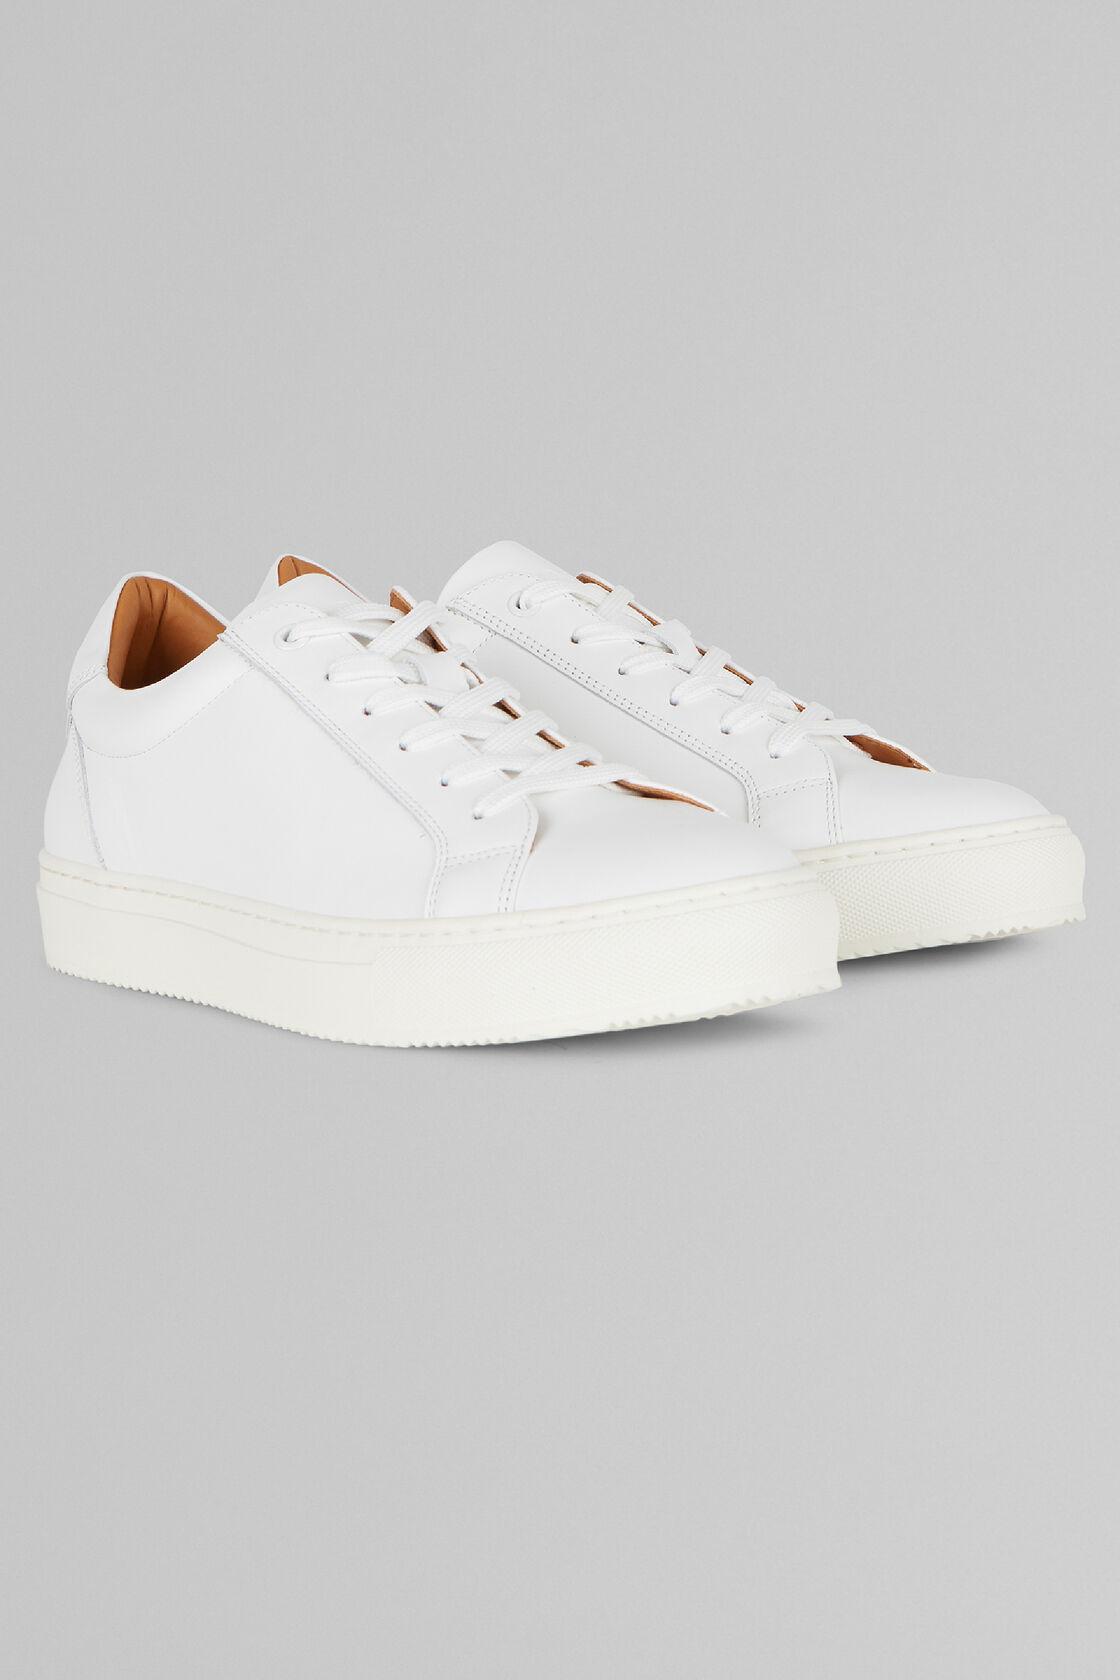 Sneaker Aus Glattleder, Weiß, hi-res